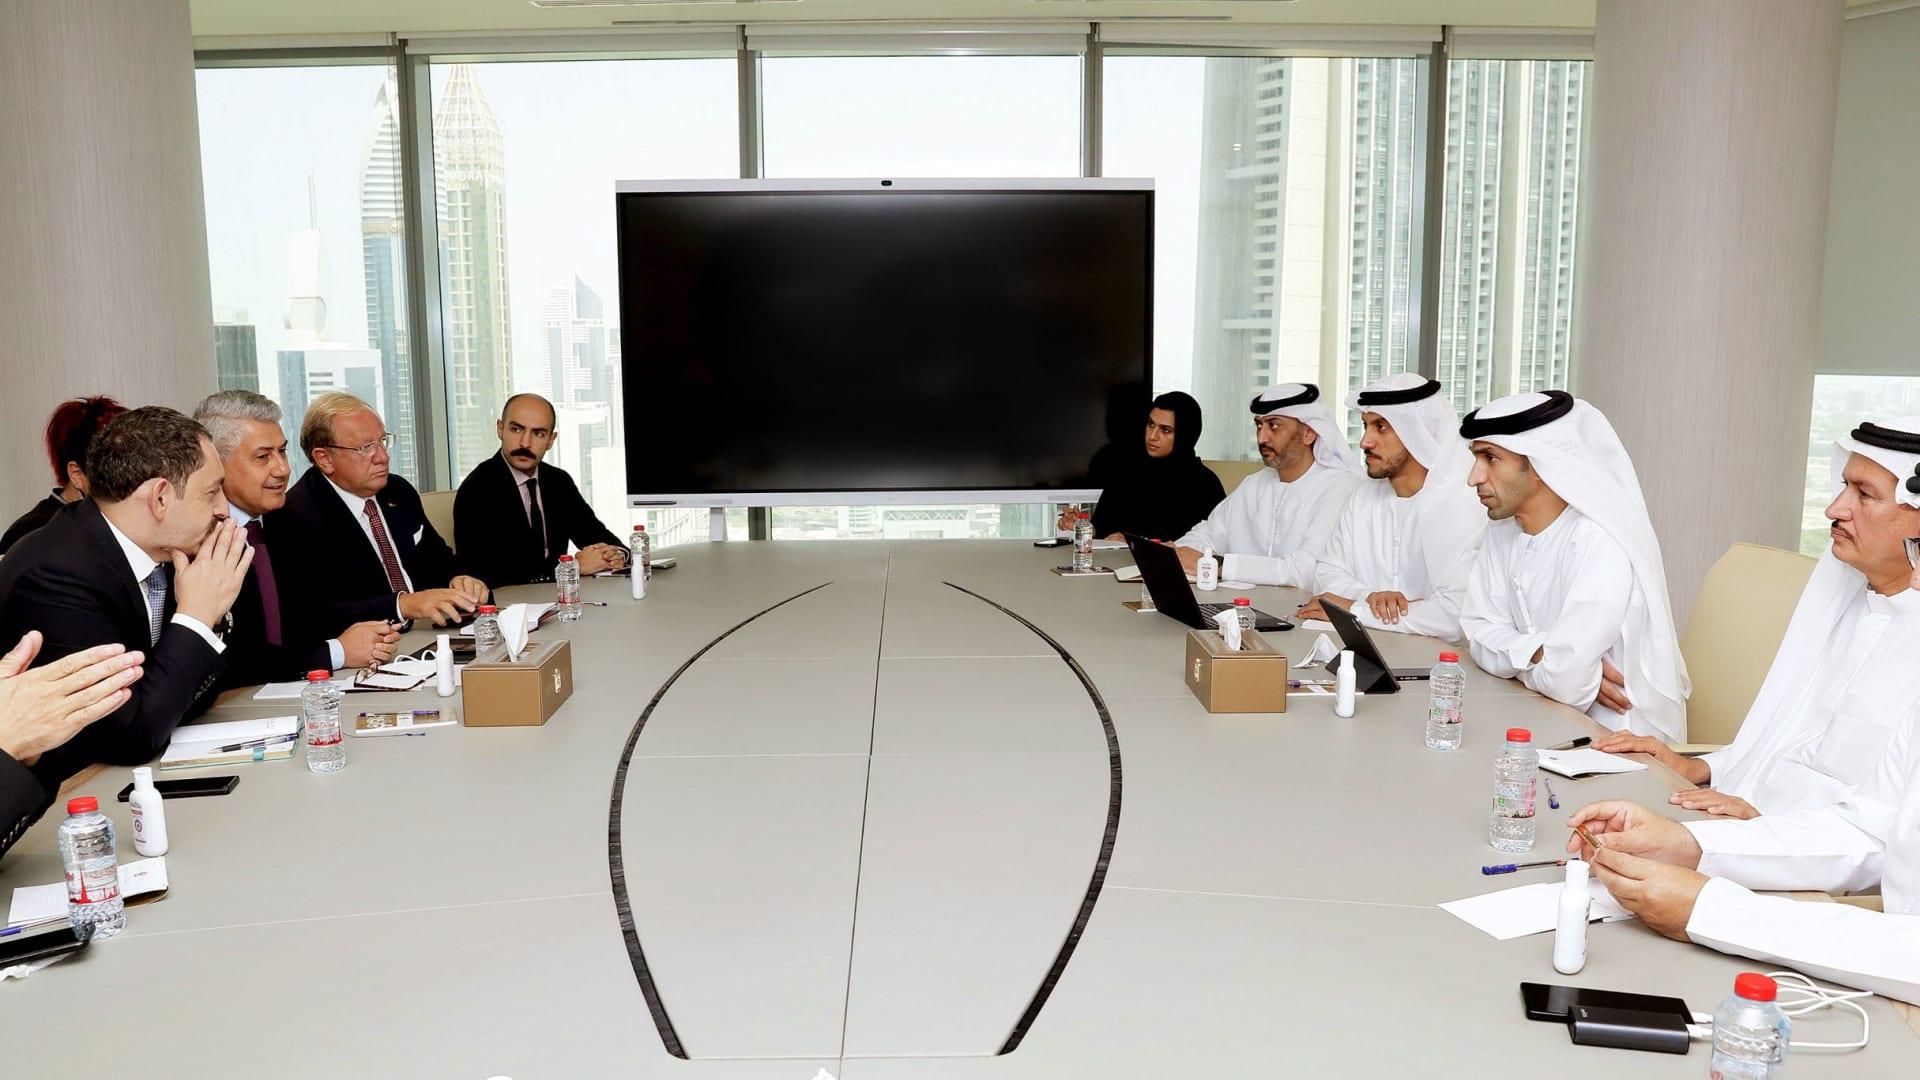 اجتماع اقتصادي بين الإمارات وتركيا على هامش معرض إكسبو thumbnail